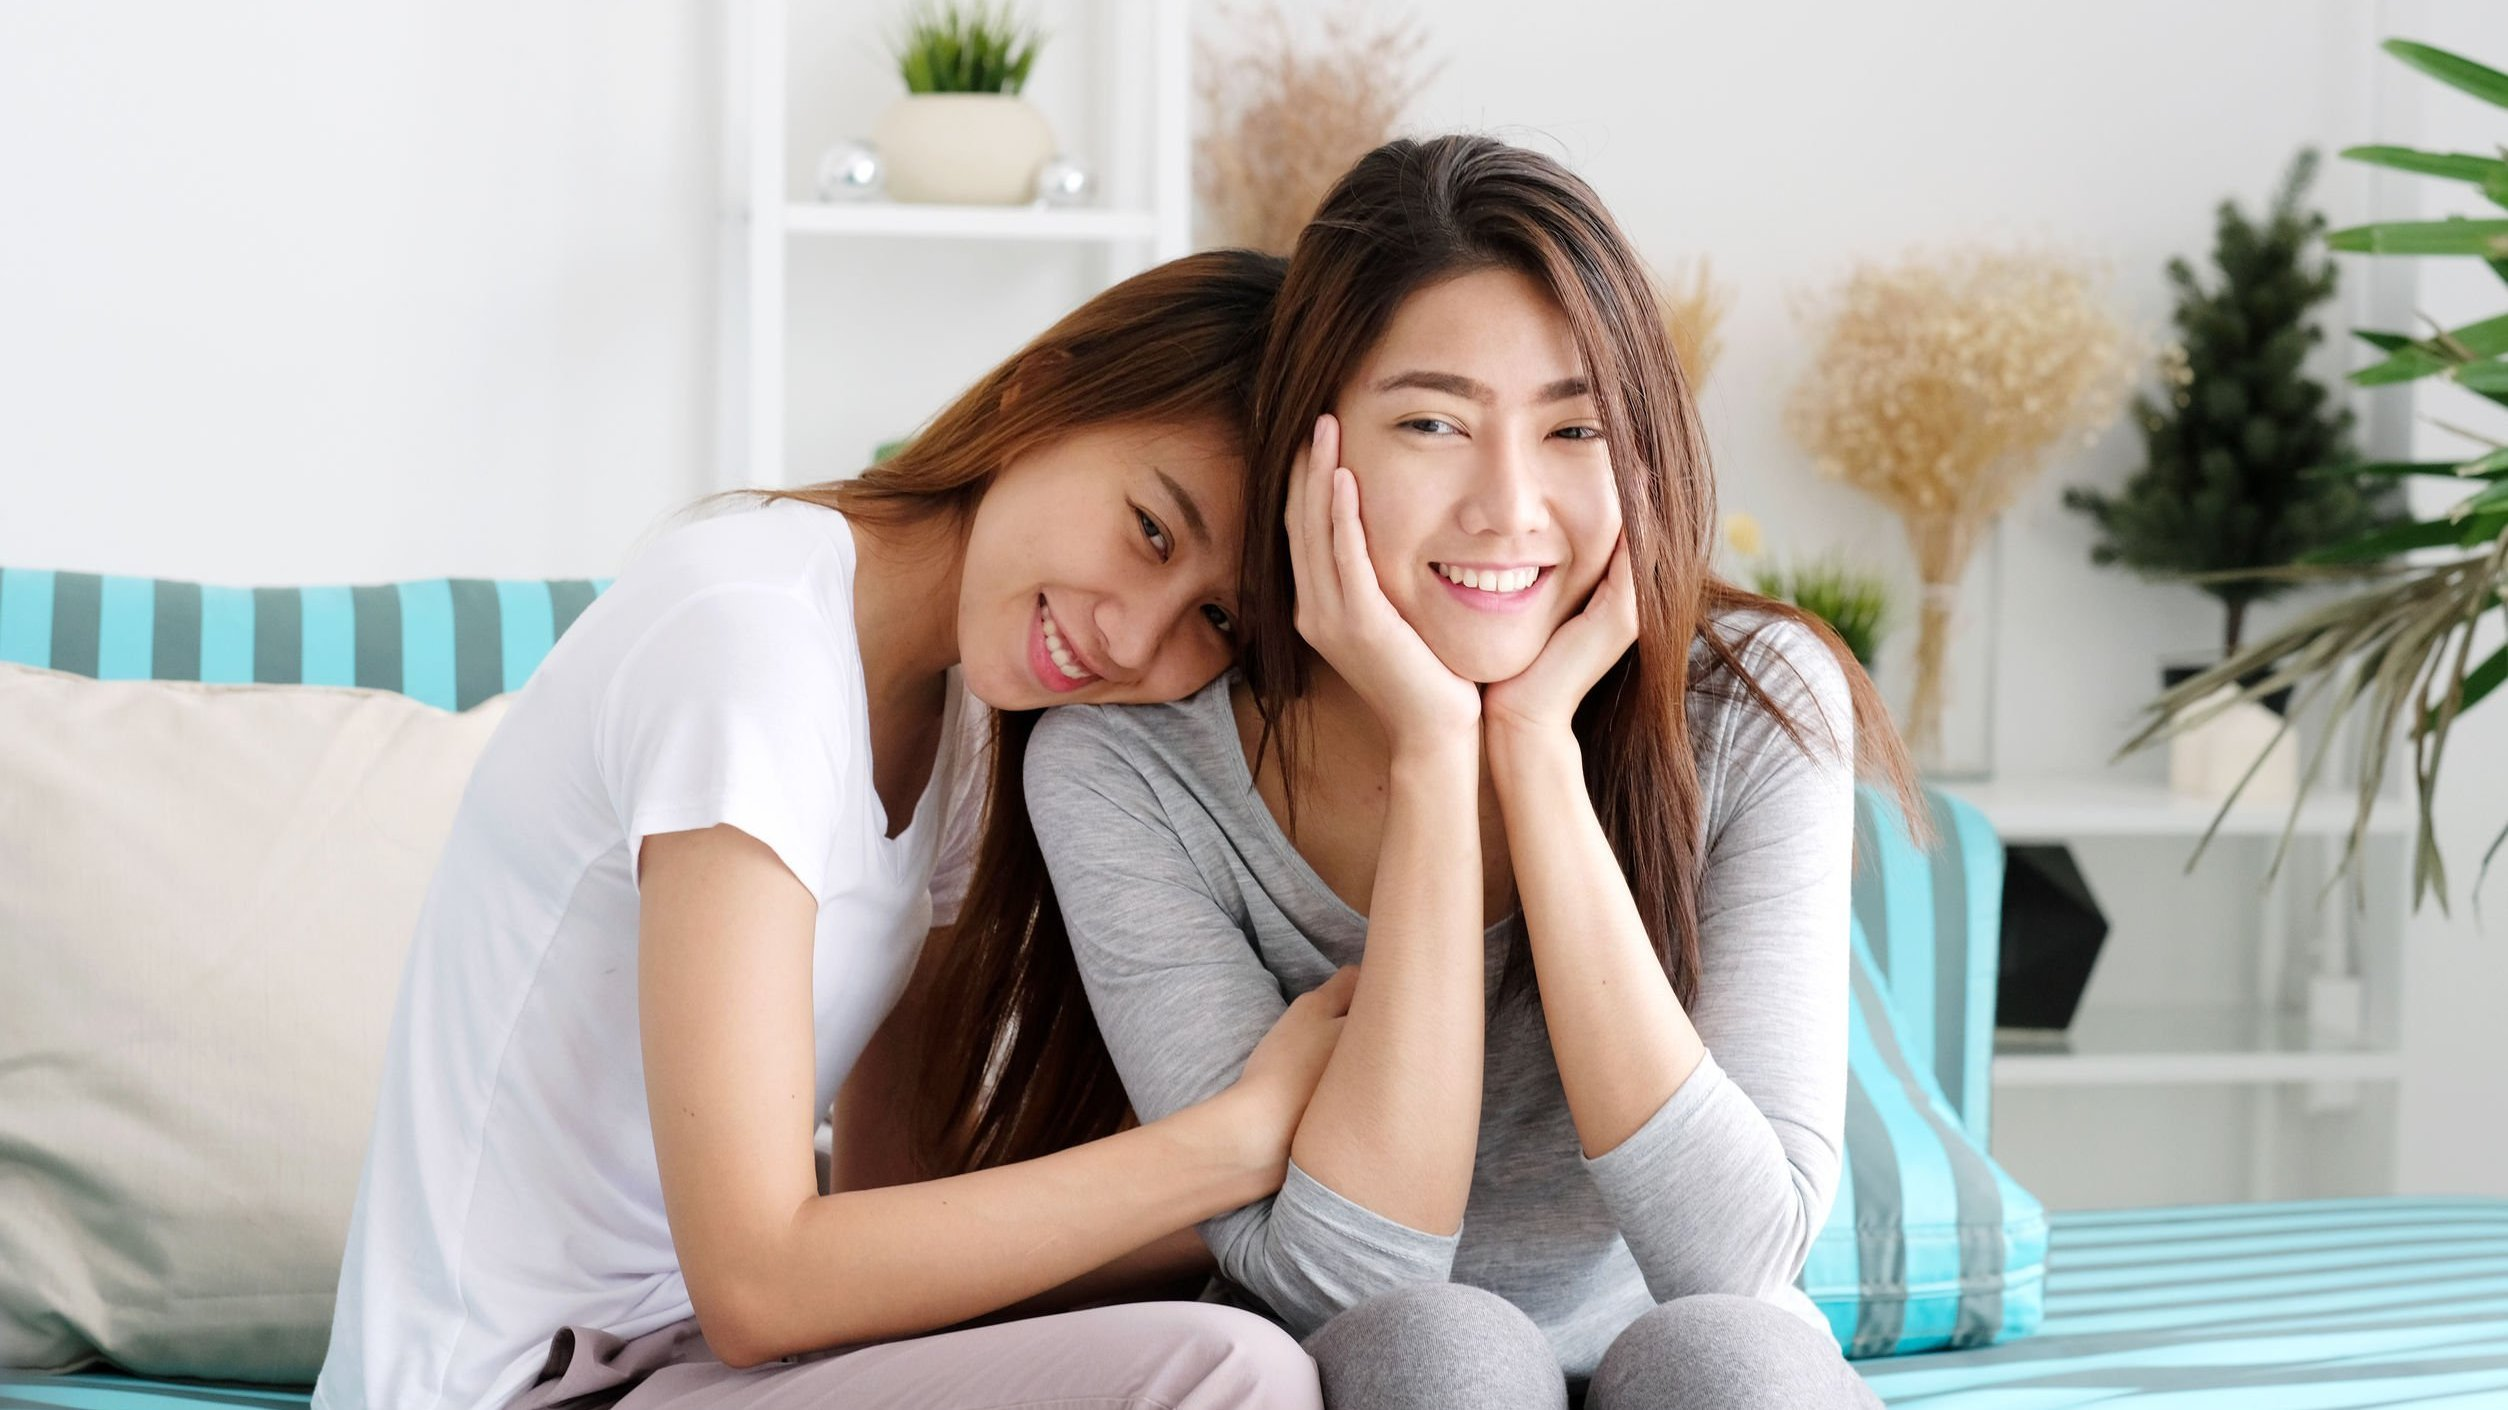 Amigas sorrindo e se abraçando, ambas sentadas em sofá